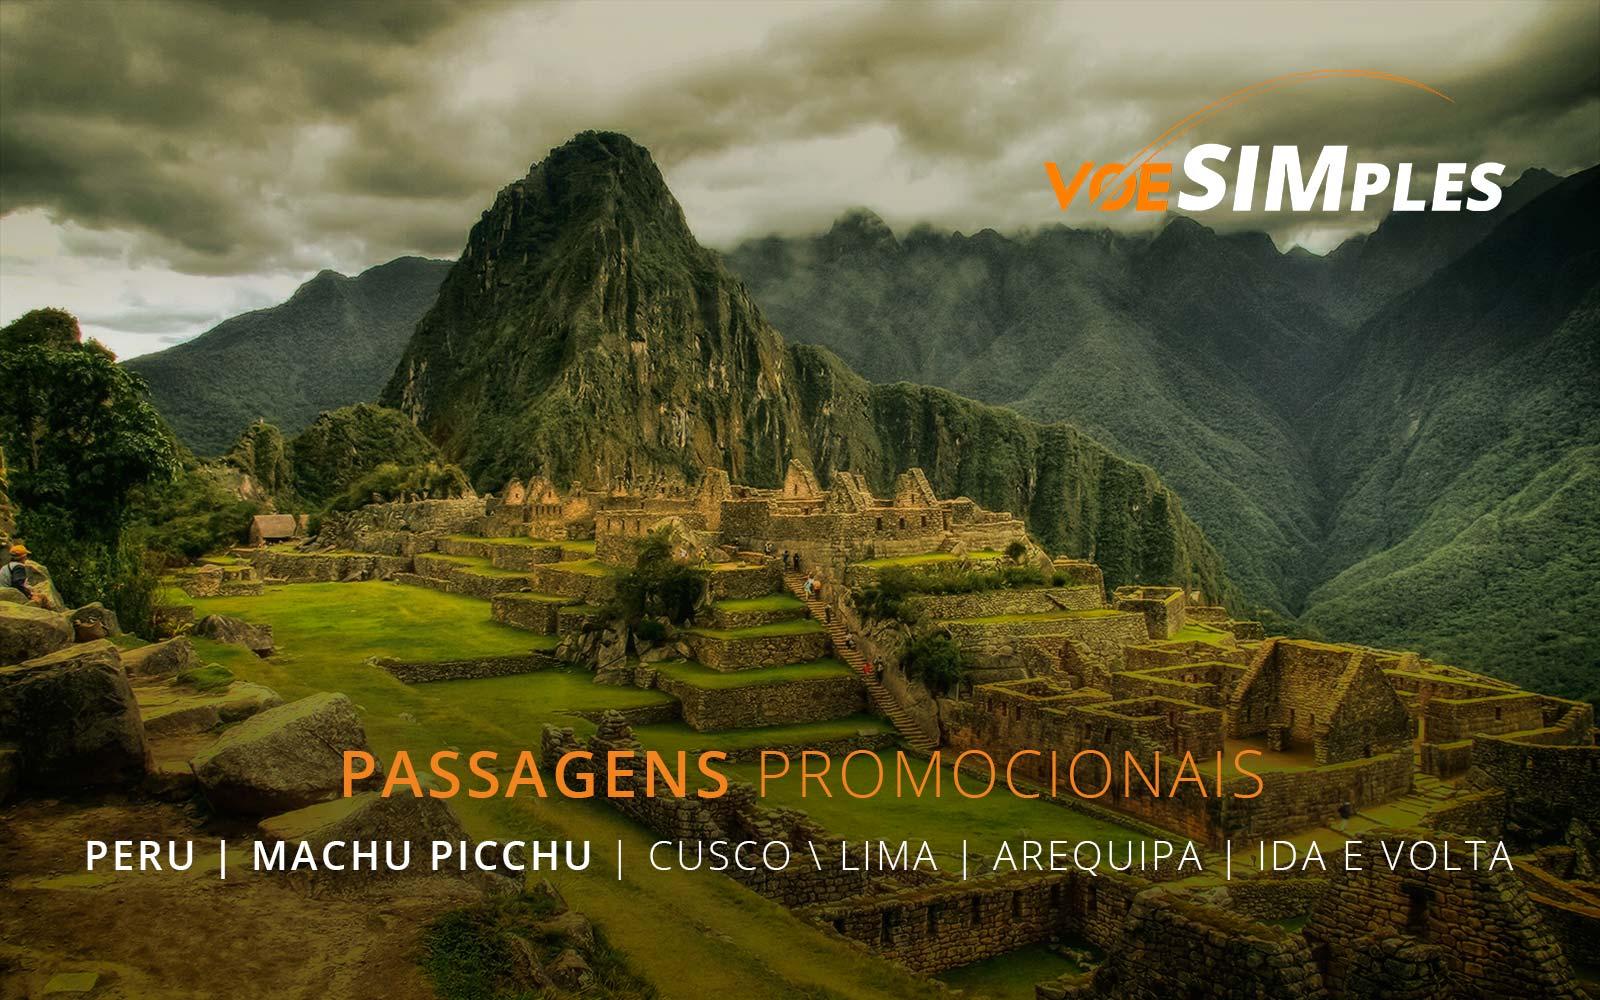 Passagens aéreas promocionais para Arequipa, Lima, Cusco e Machu Picchu no Peru